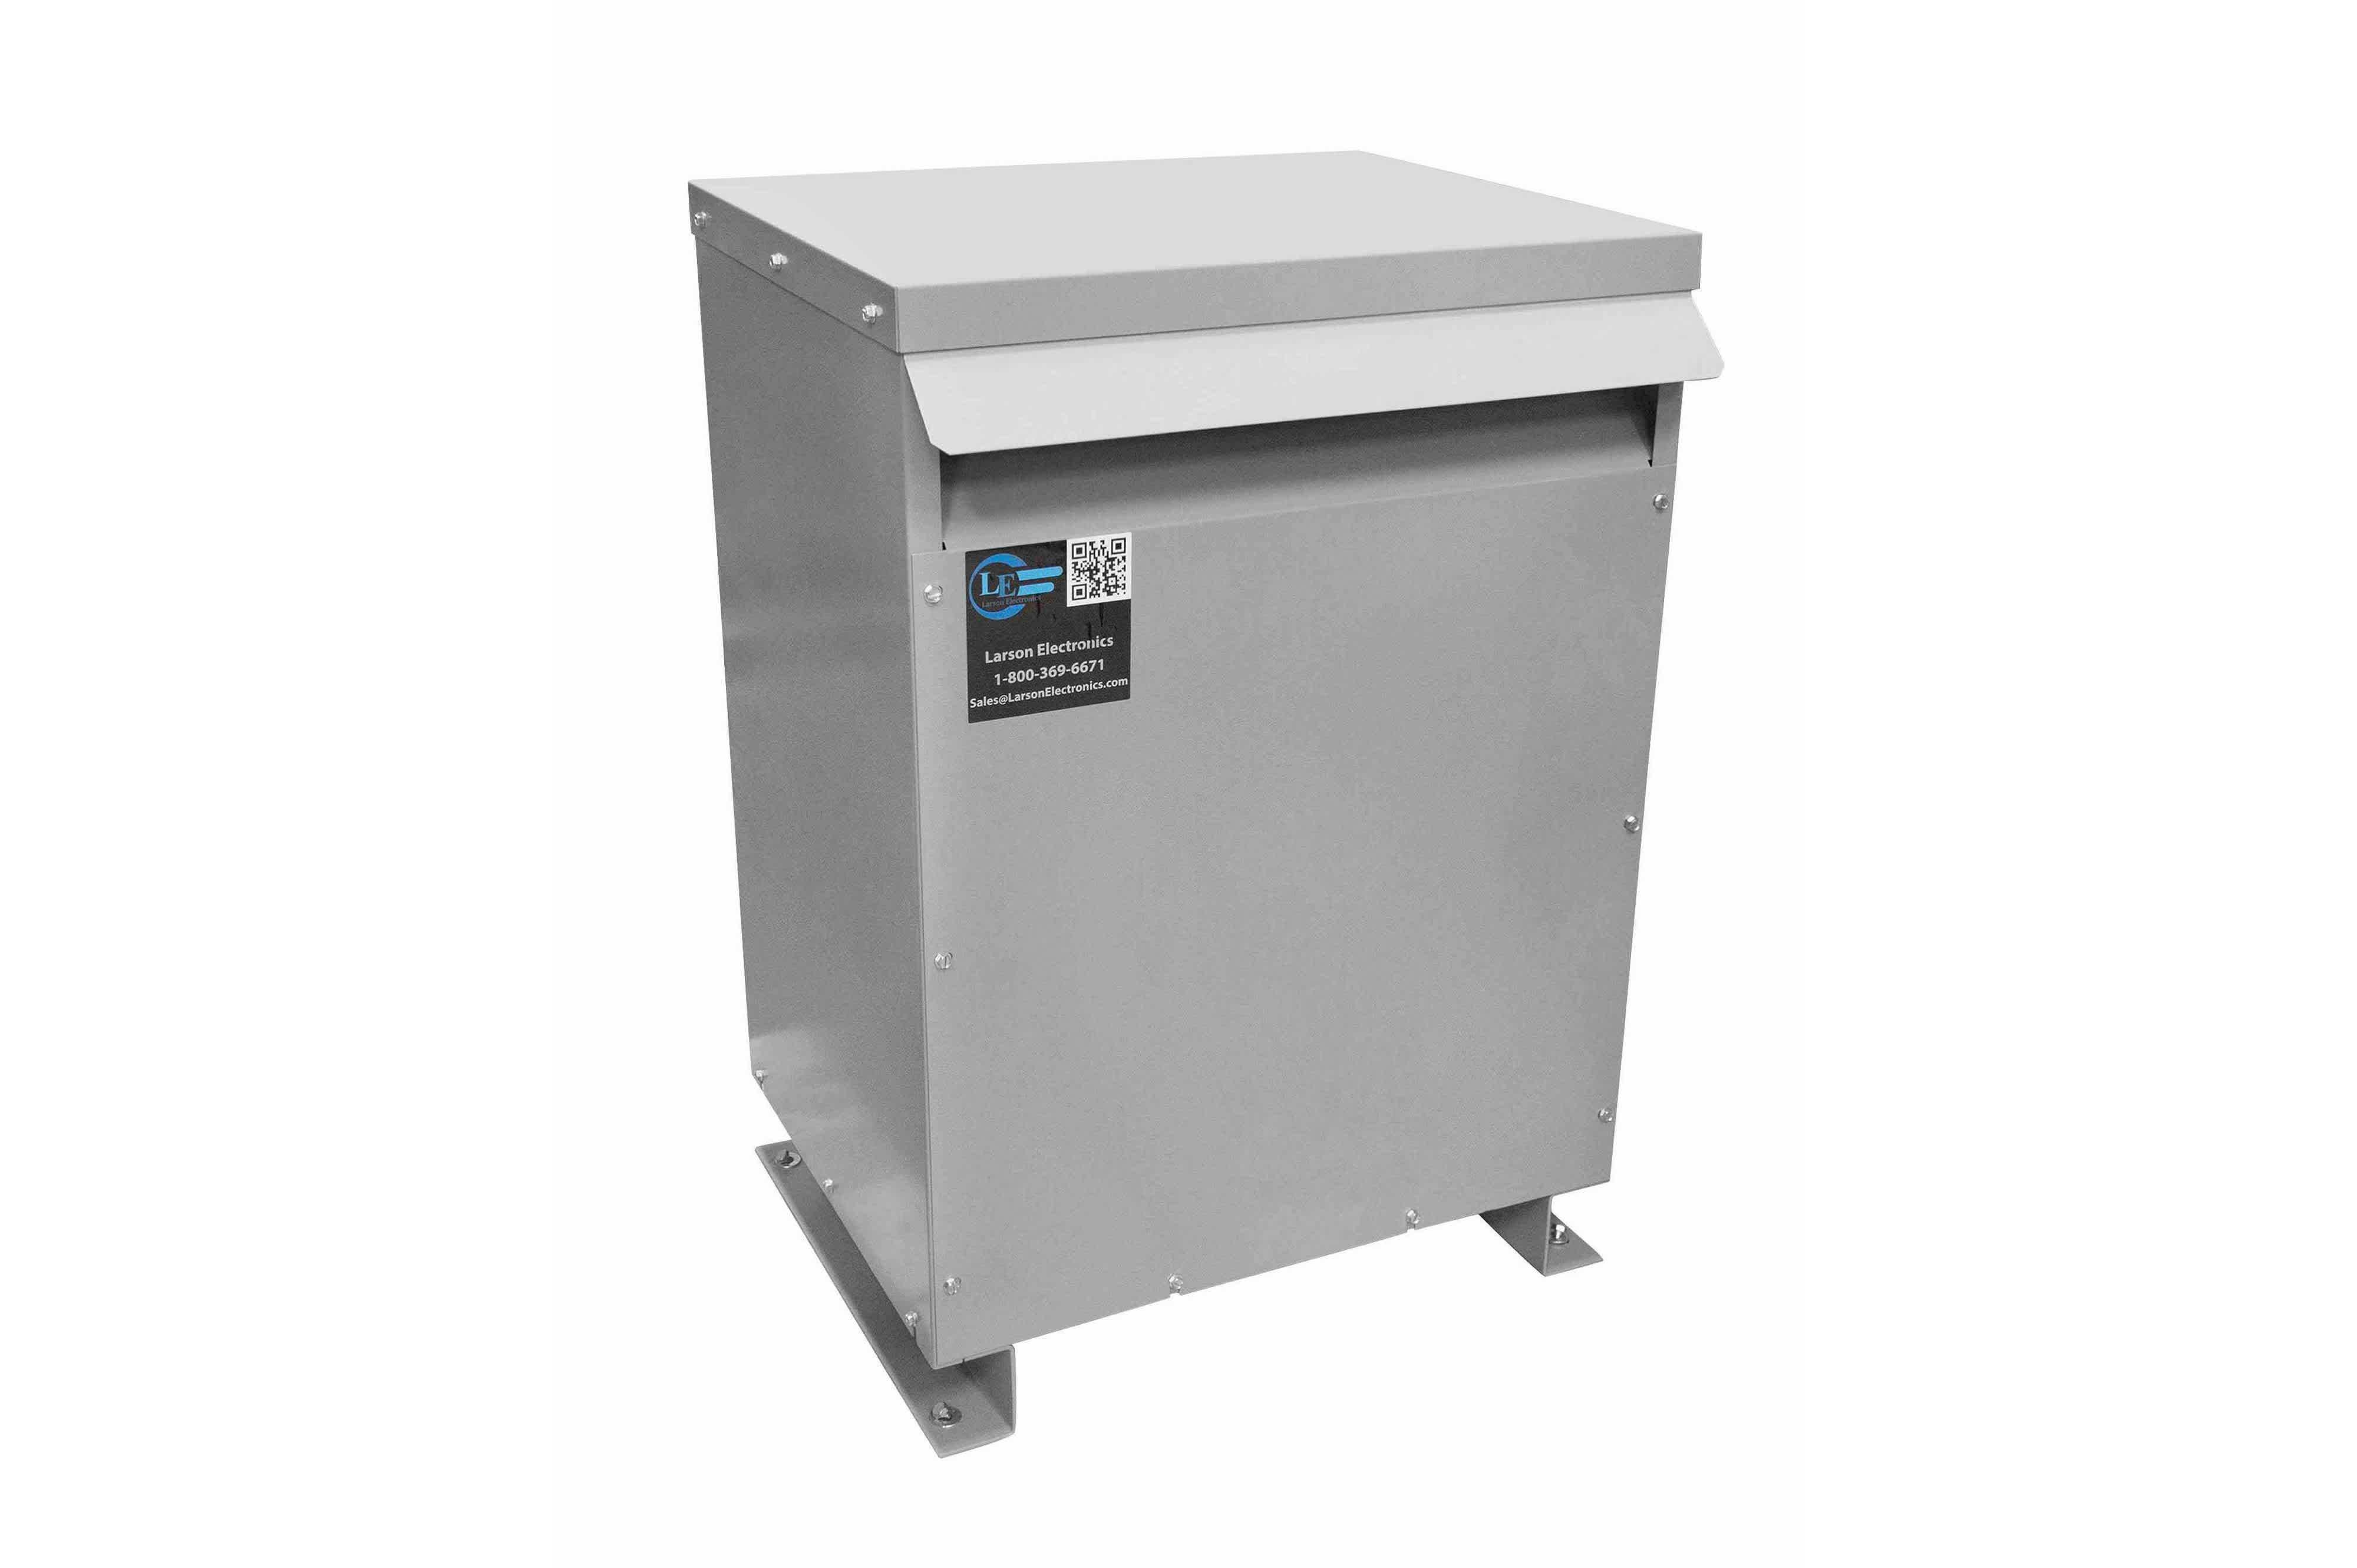 47.5 kVA 3PH Isolation Transformer, 400V Delta Primary, 480V Delta Secondary, N3R, Ventilated, 60 Hz